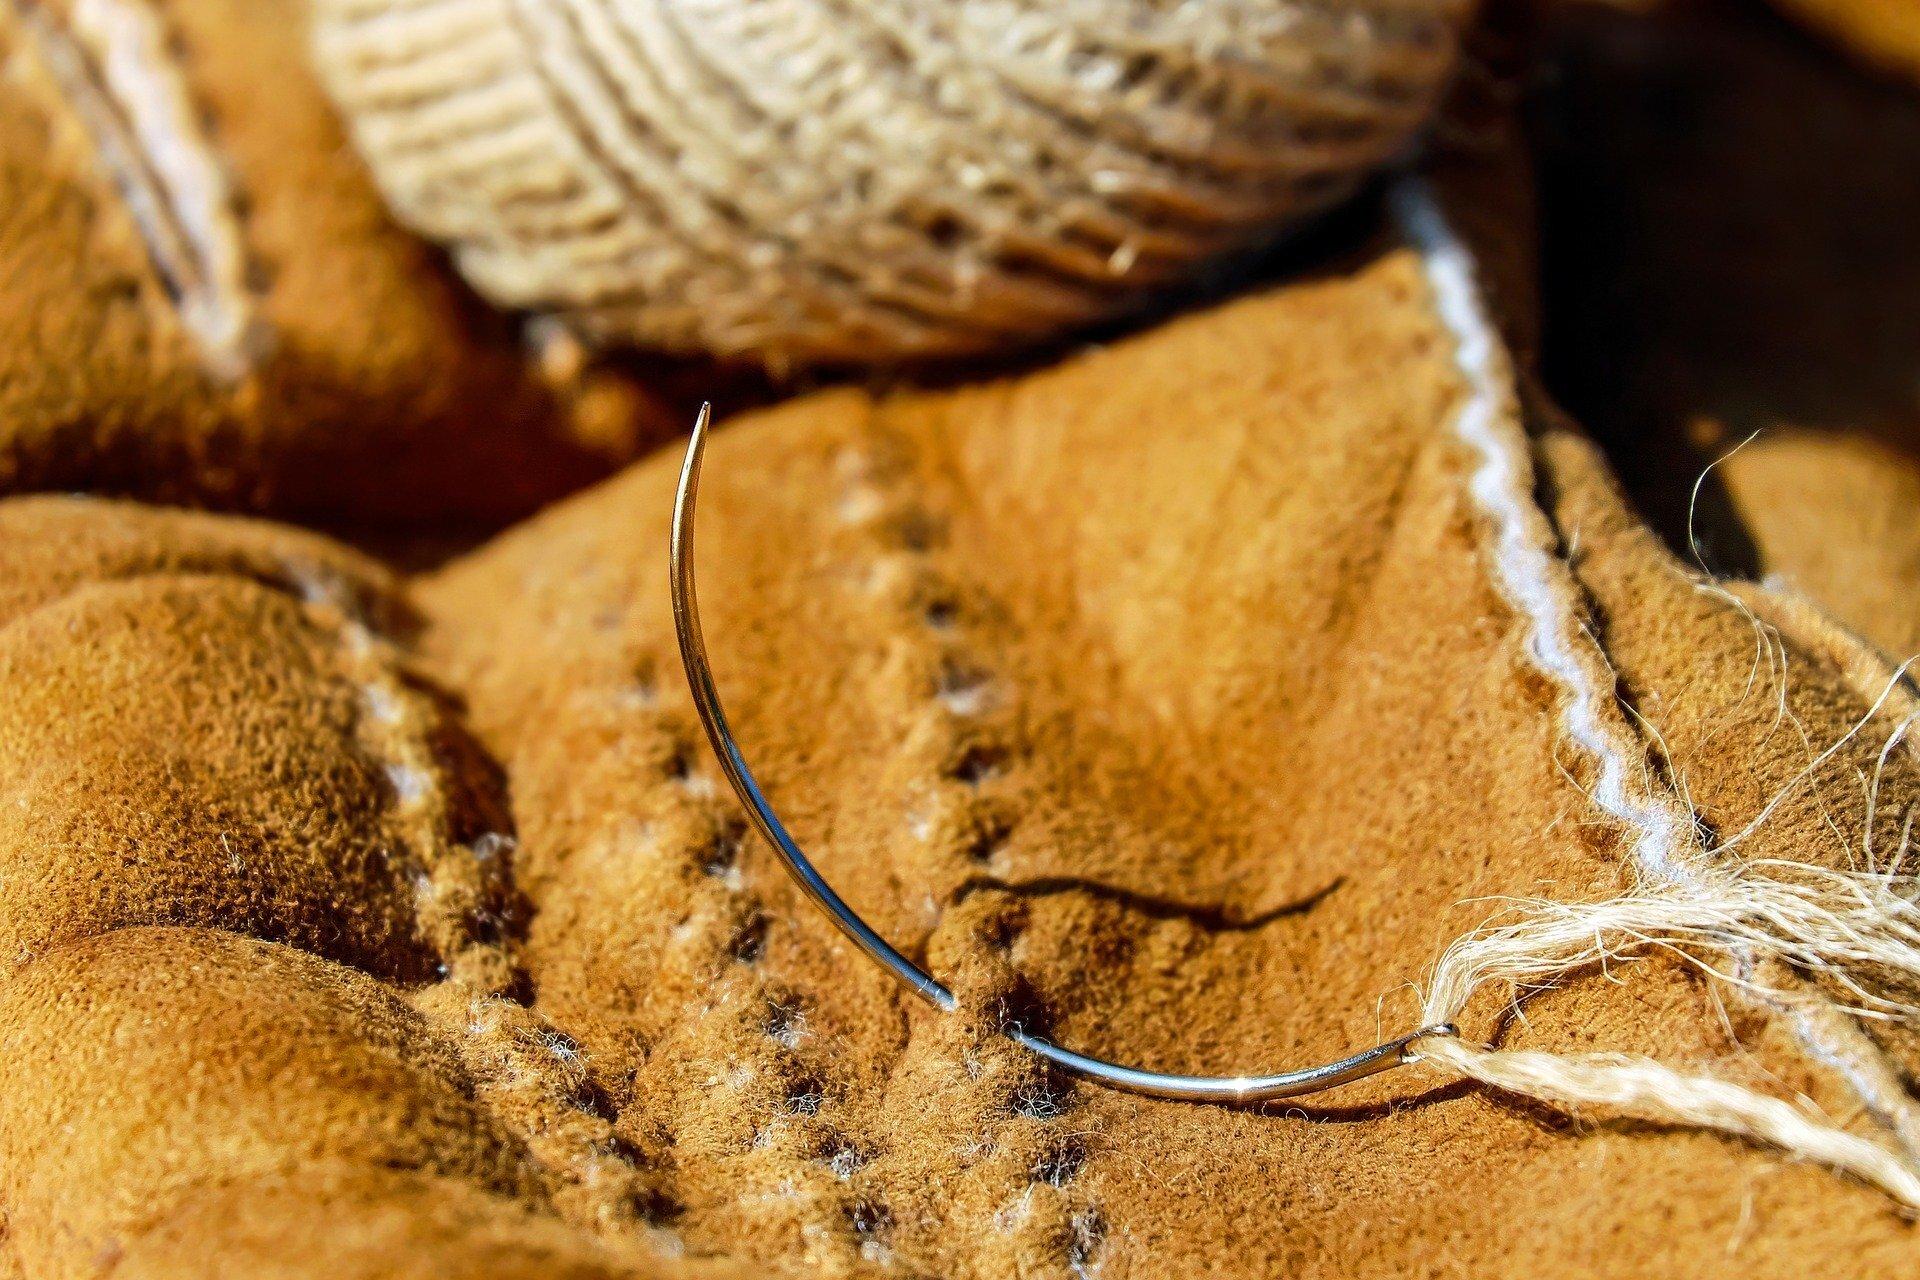 needle-1687388_1920